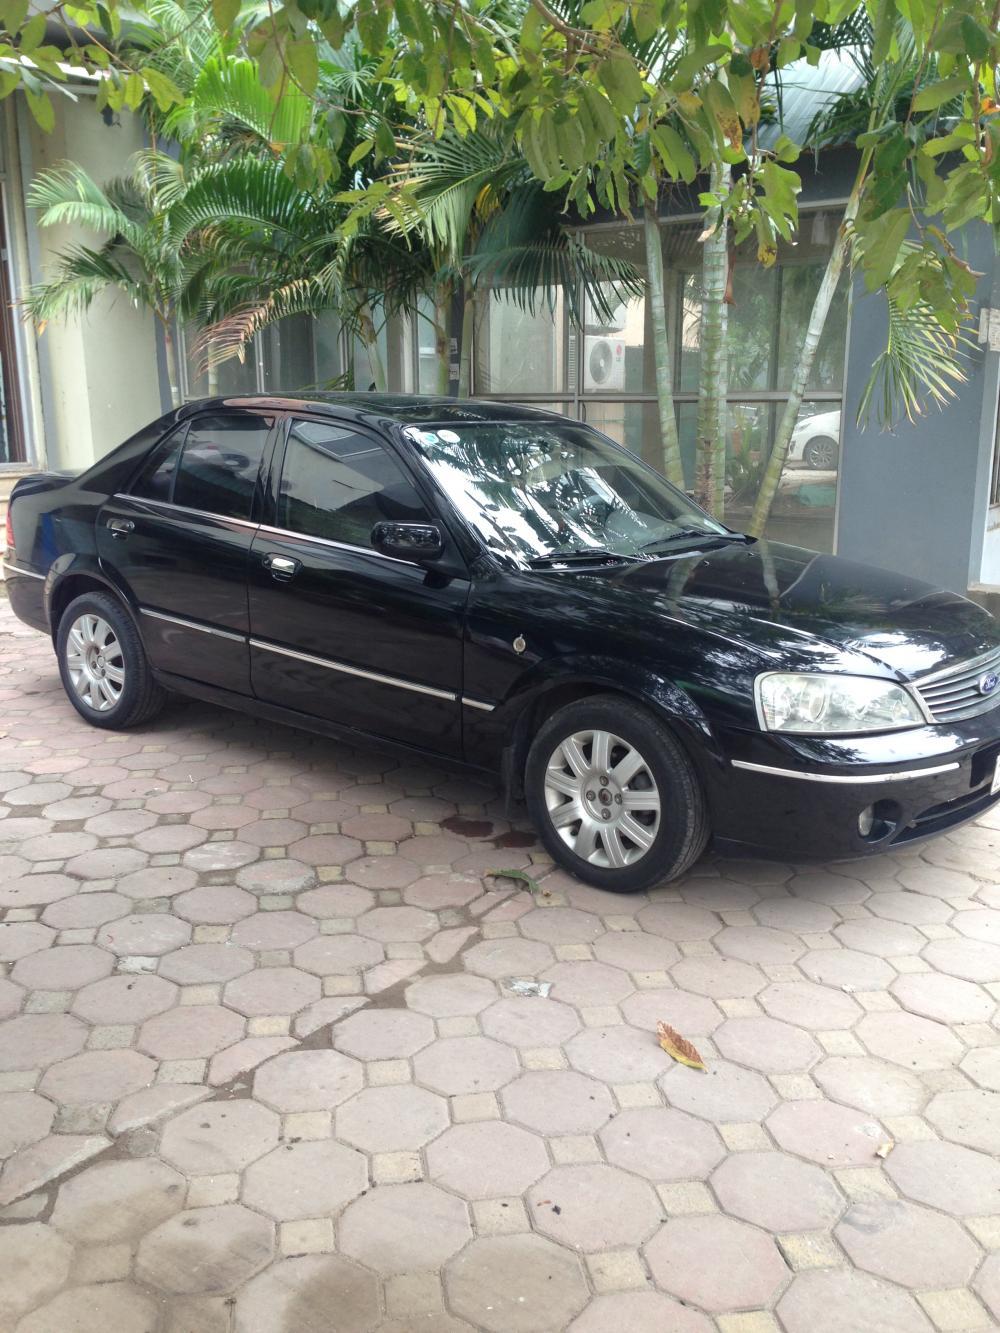 bán xe ford laser 1.8at đời 2004, màu đen, nhập khẩu, chính chủ